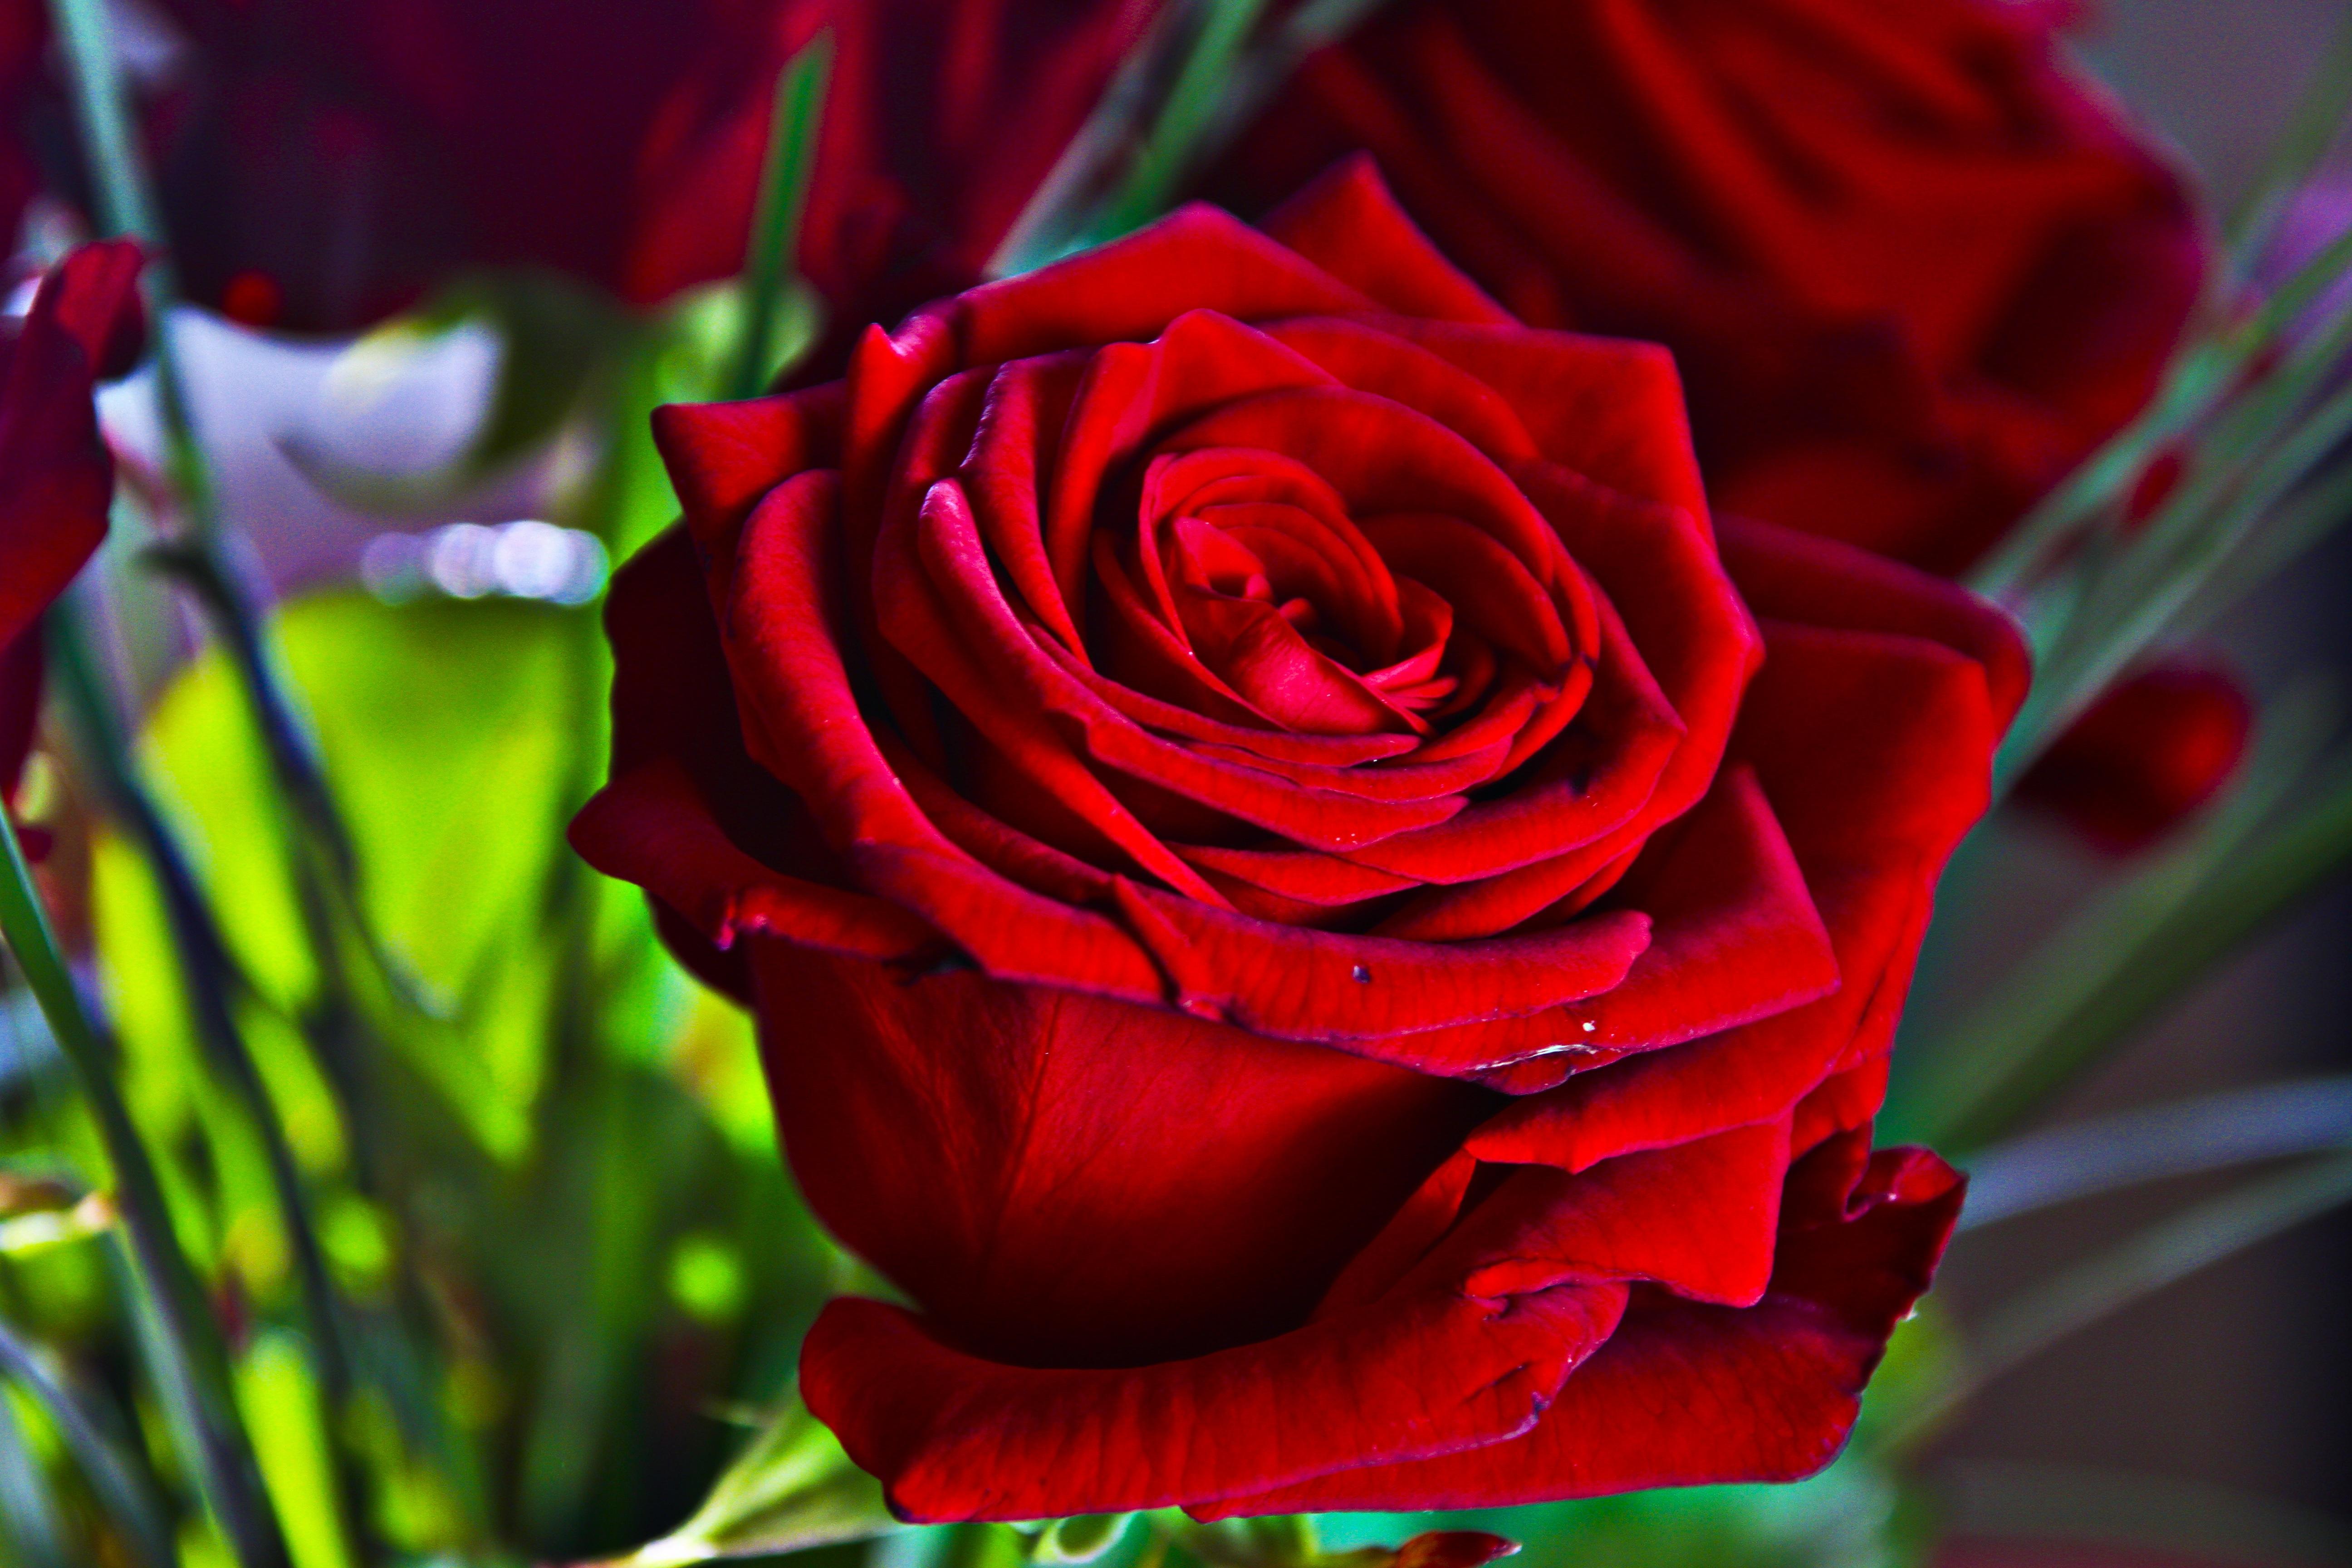 широкоформатные фото красной розы плюсах